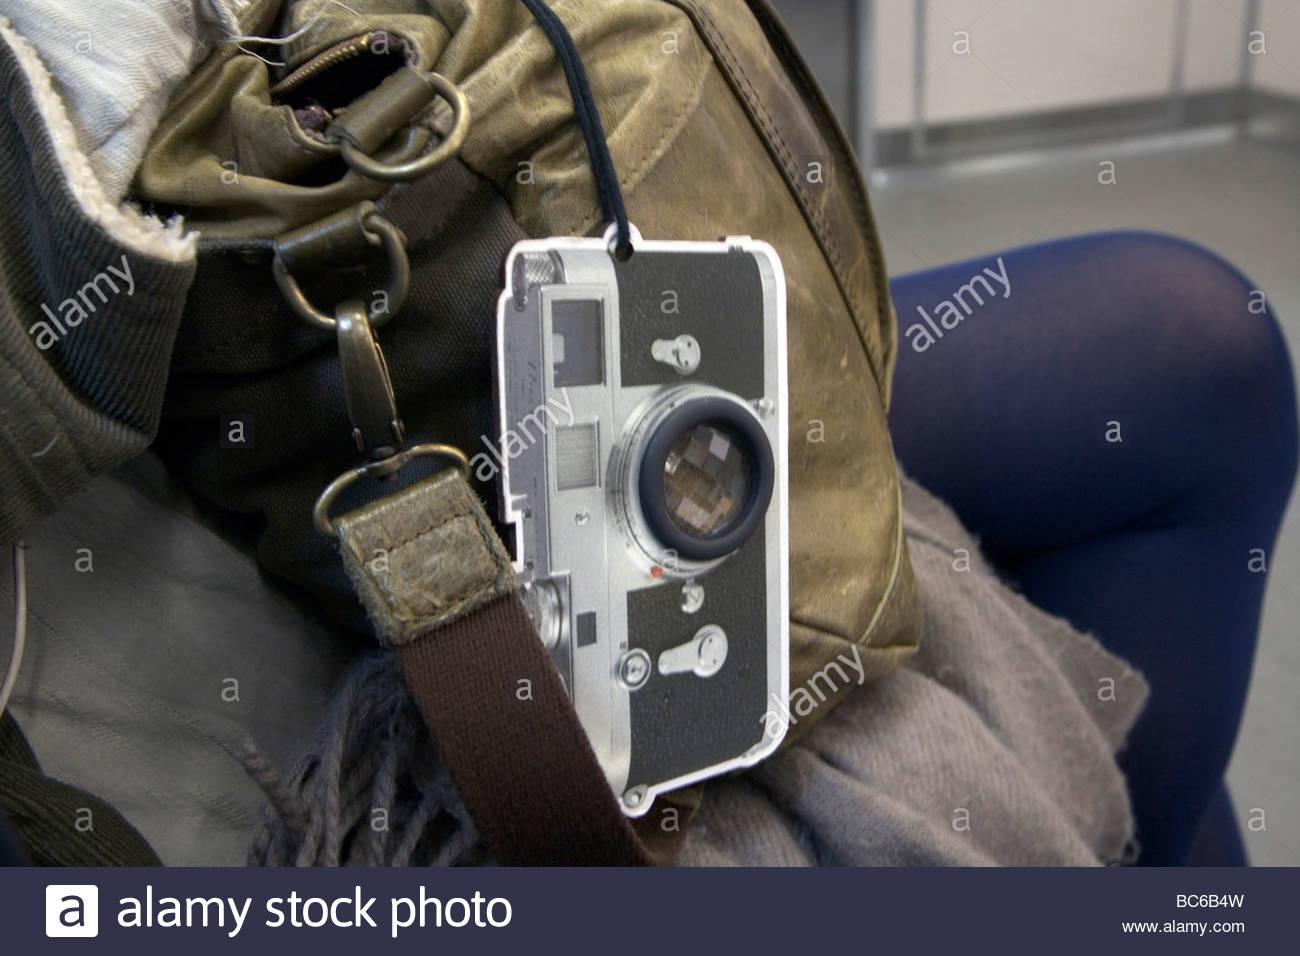 Traditionelle leica entfernungsmesser kamera kleiderbügel an einem